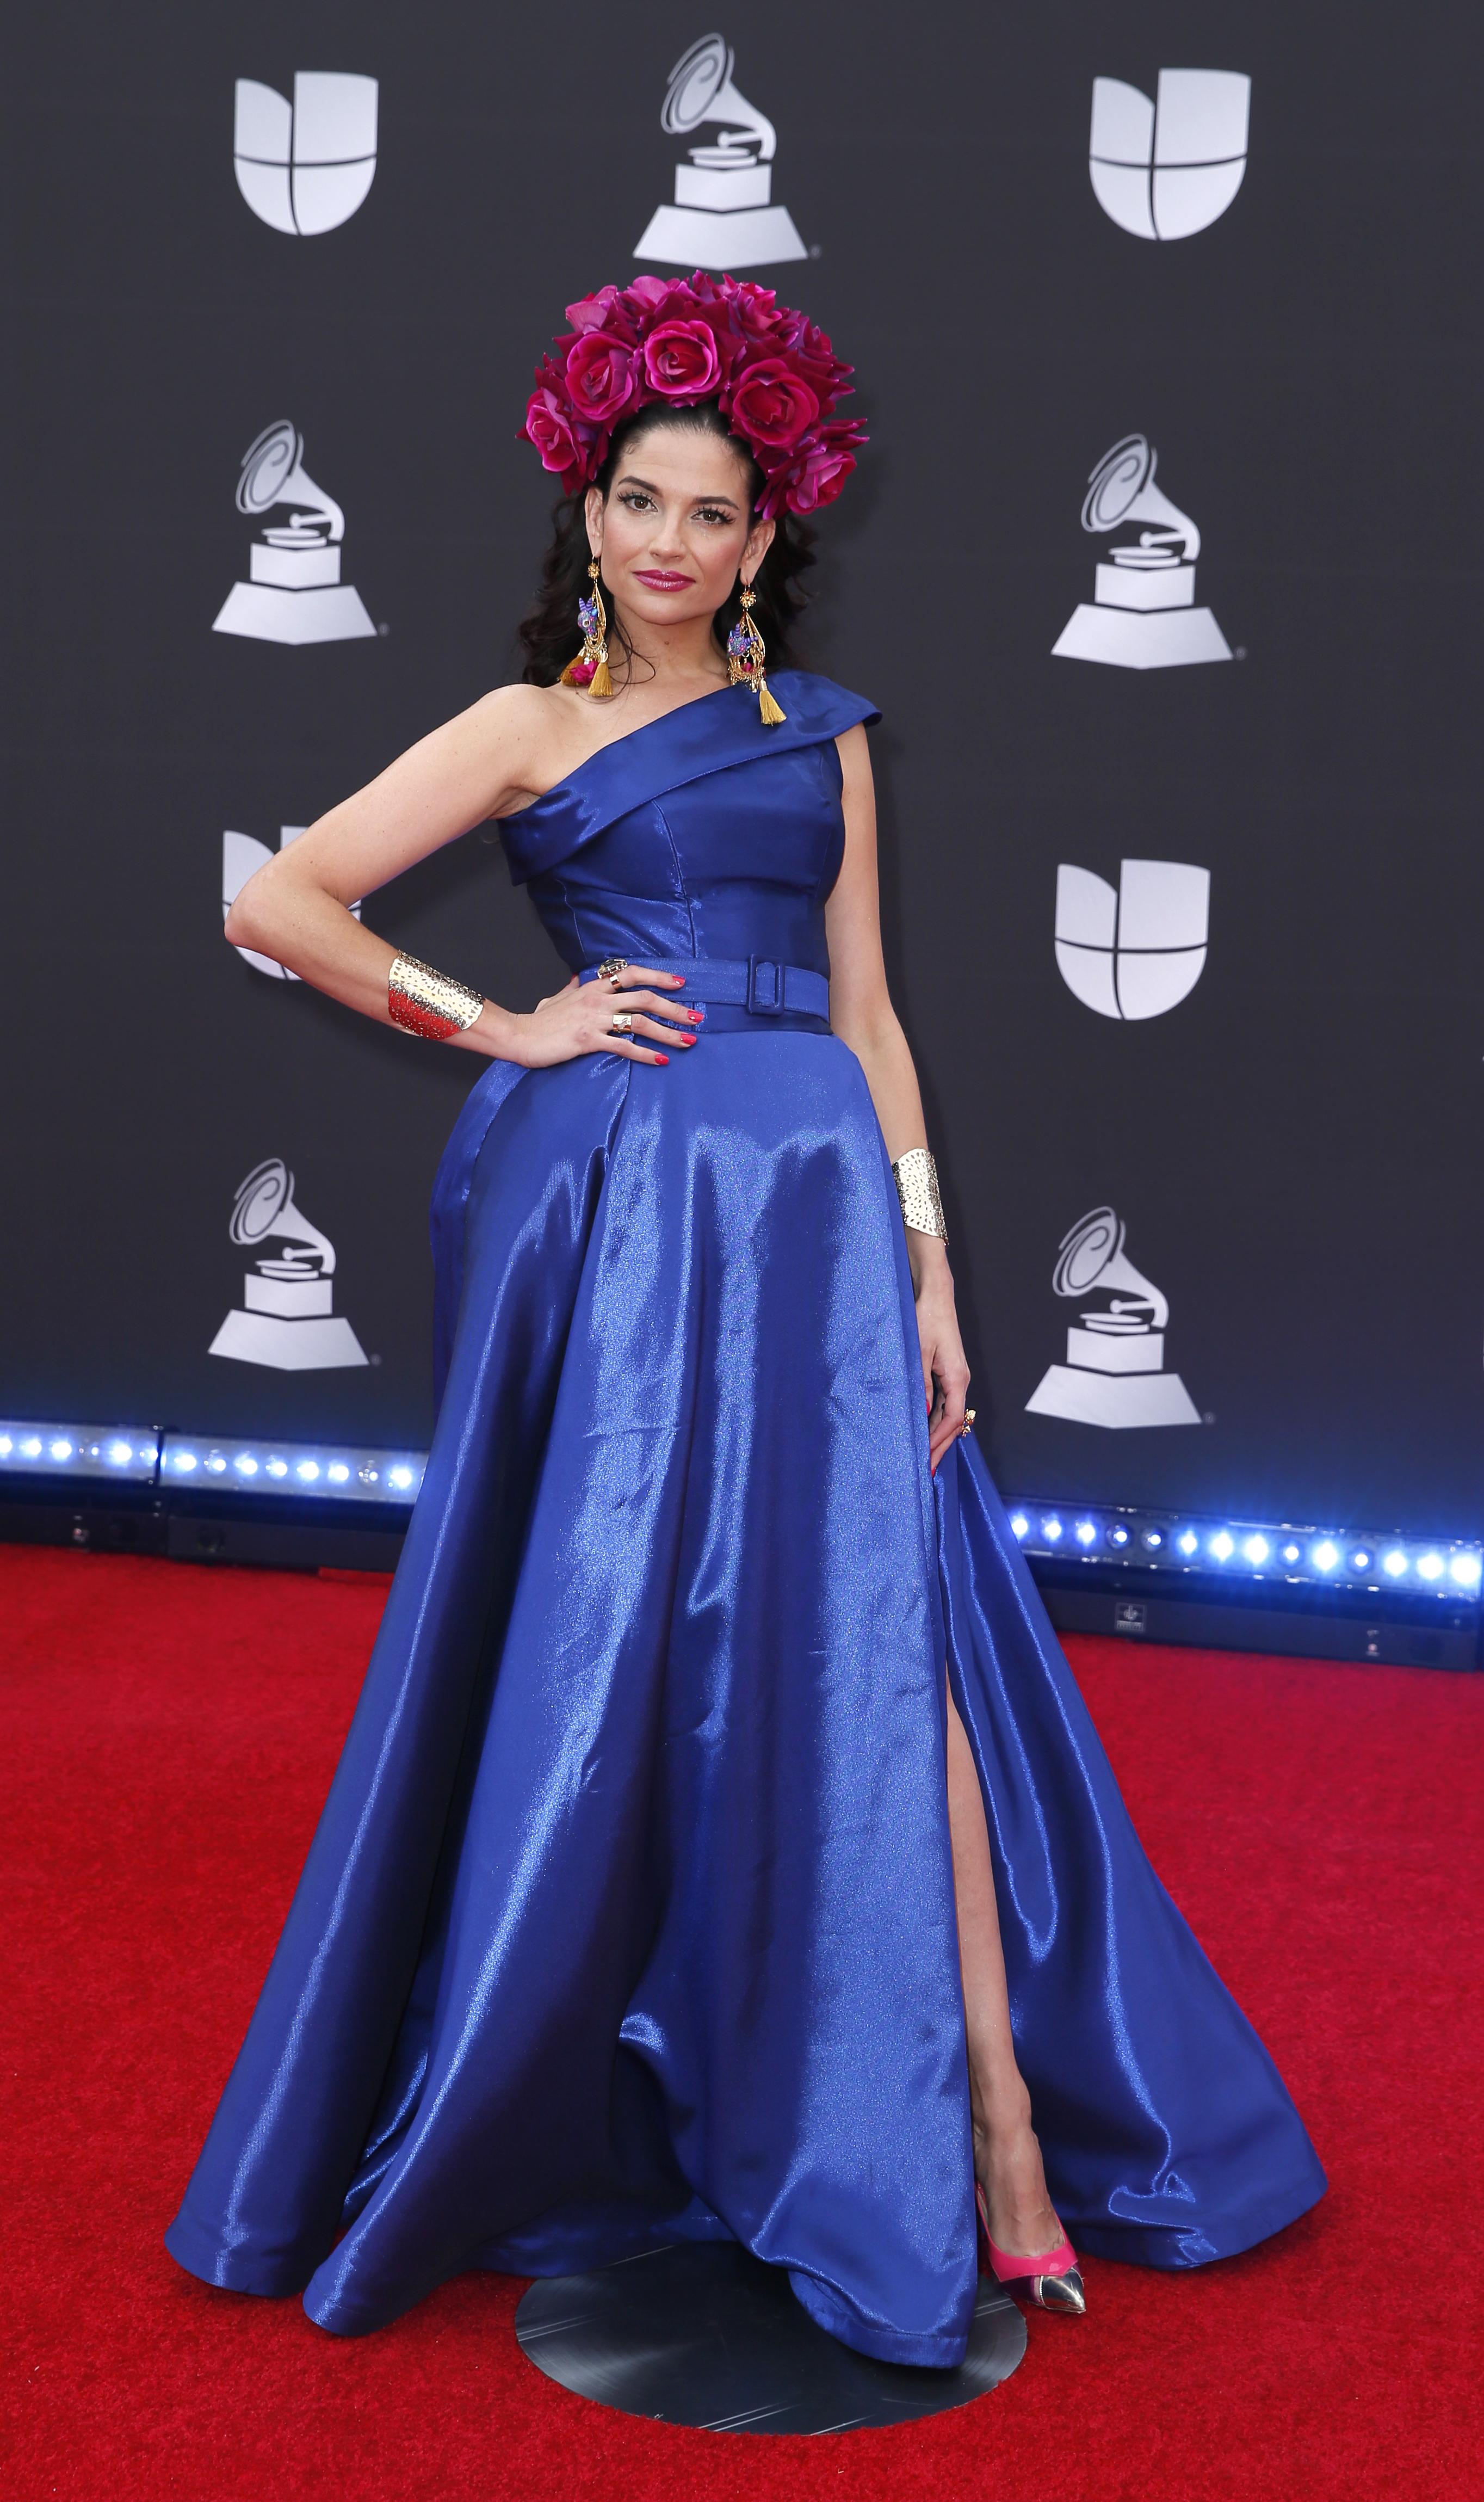 La española Natalia Jiménez será una de estrellas que se subirá al escenario de los Latin Grammy 2019